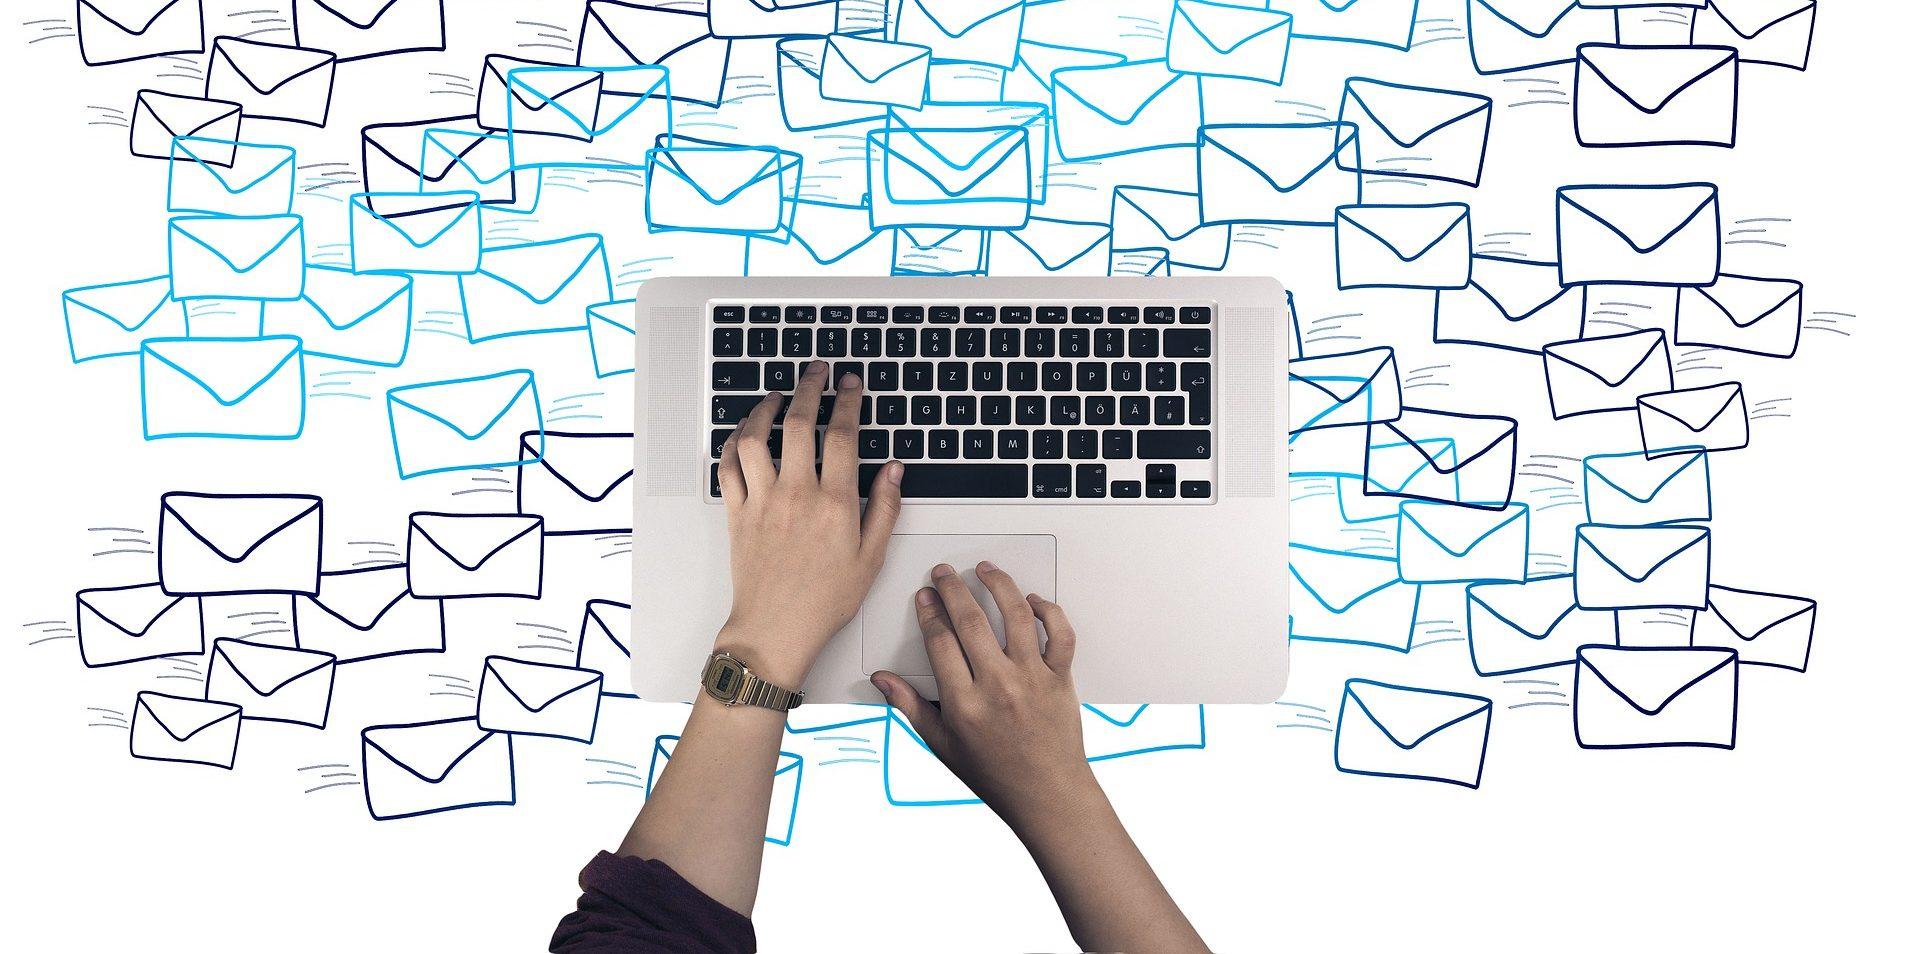 ソフトバンクから予約確認メール・入荷連絡がこないときの設定確認と対処法